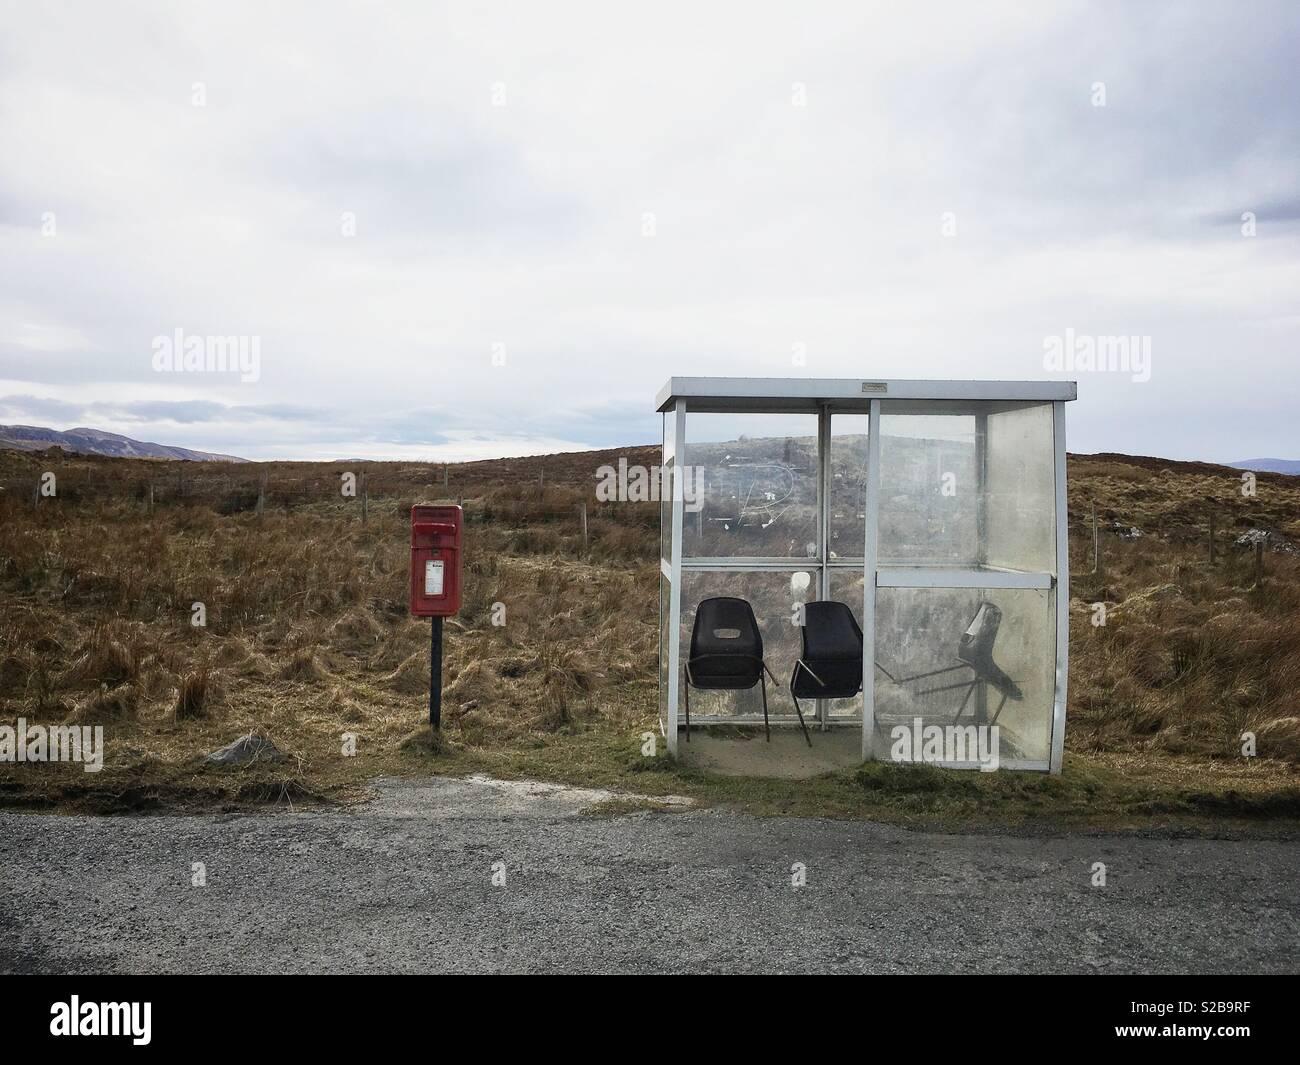 Ländlichen Bushaltestelle und Briefkasten, Isle of Skye, Schottland. Stockbild